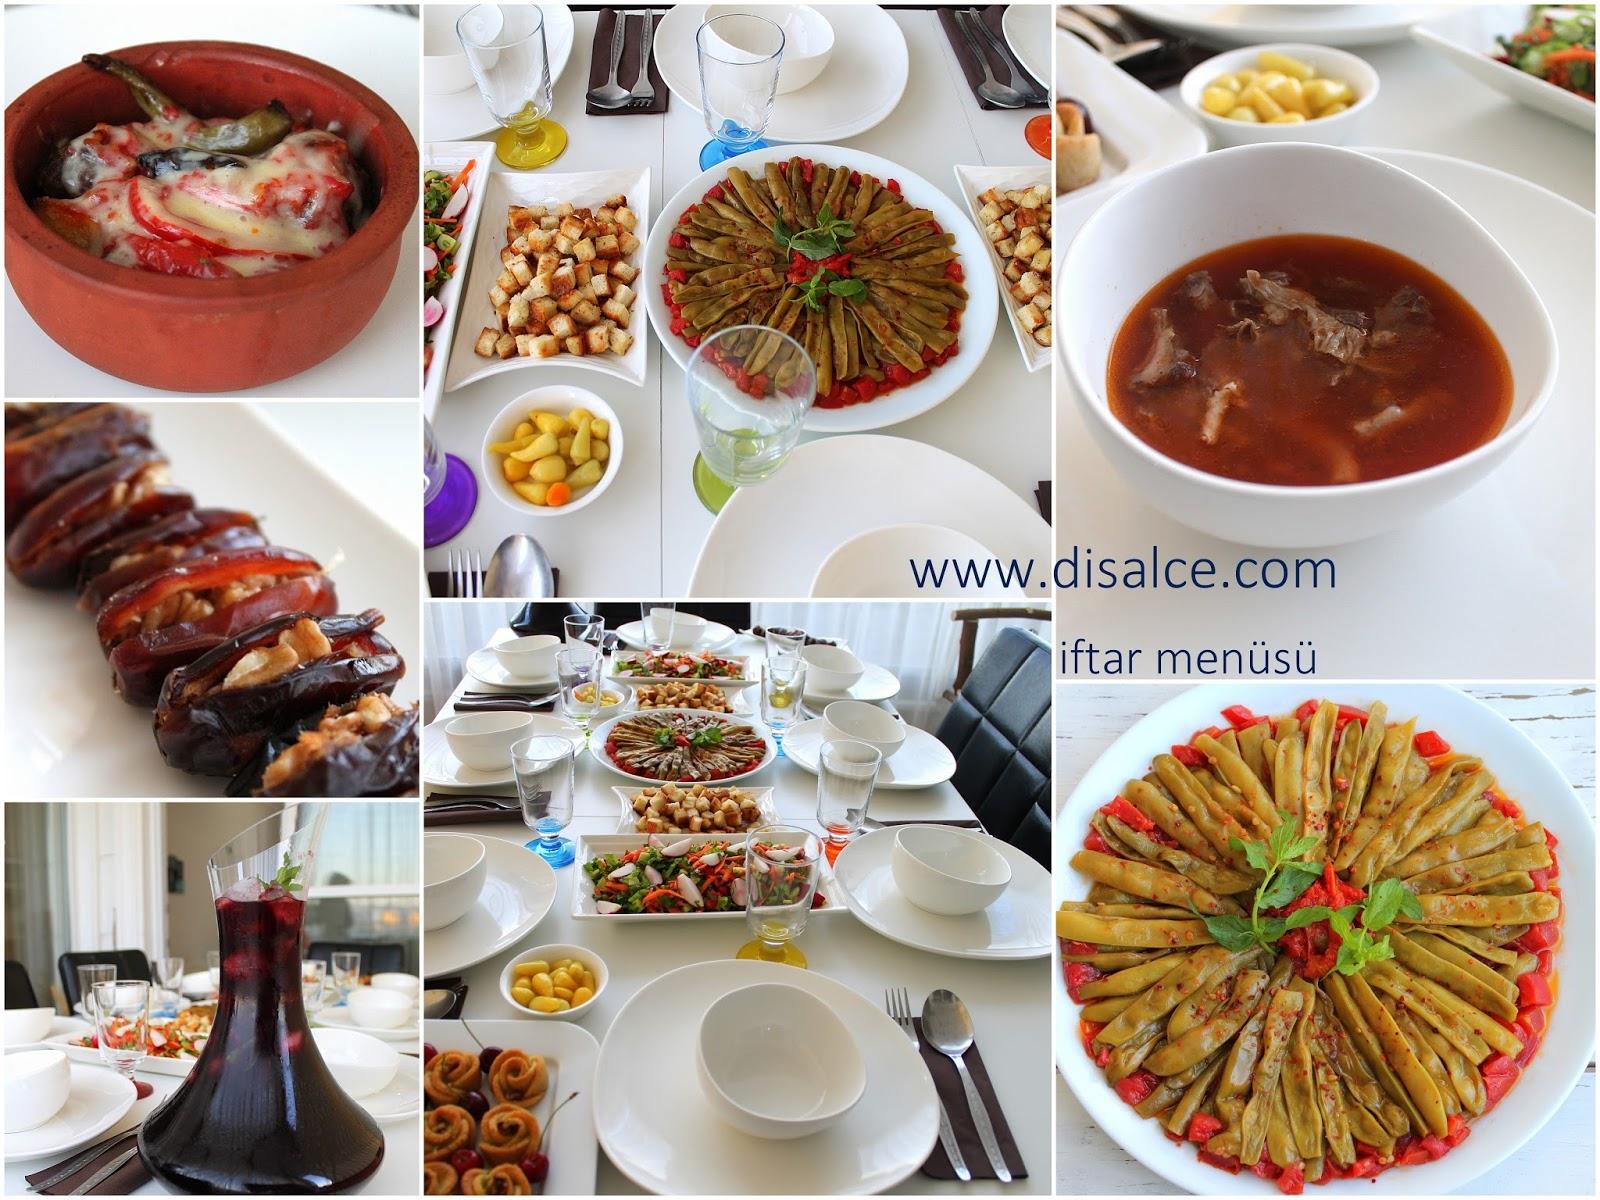 disal'in gözünden mutfak: İFTAR MENÜSÜ-İFTAR SOFRASI